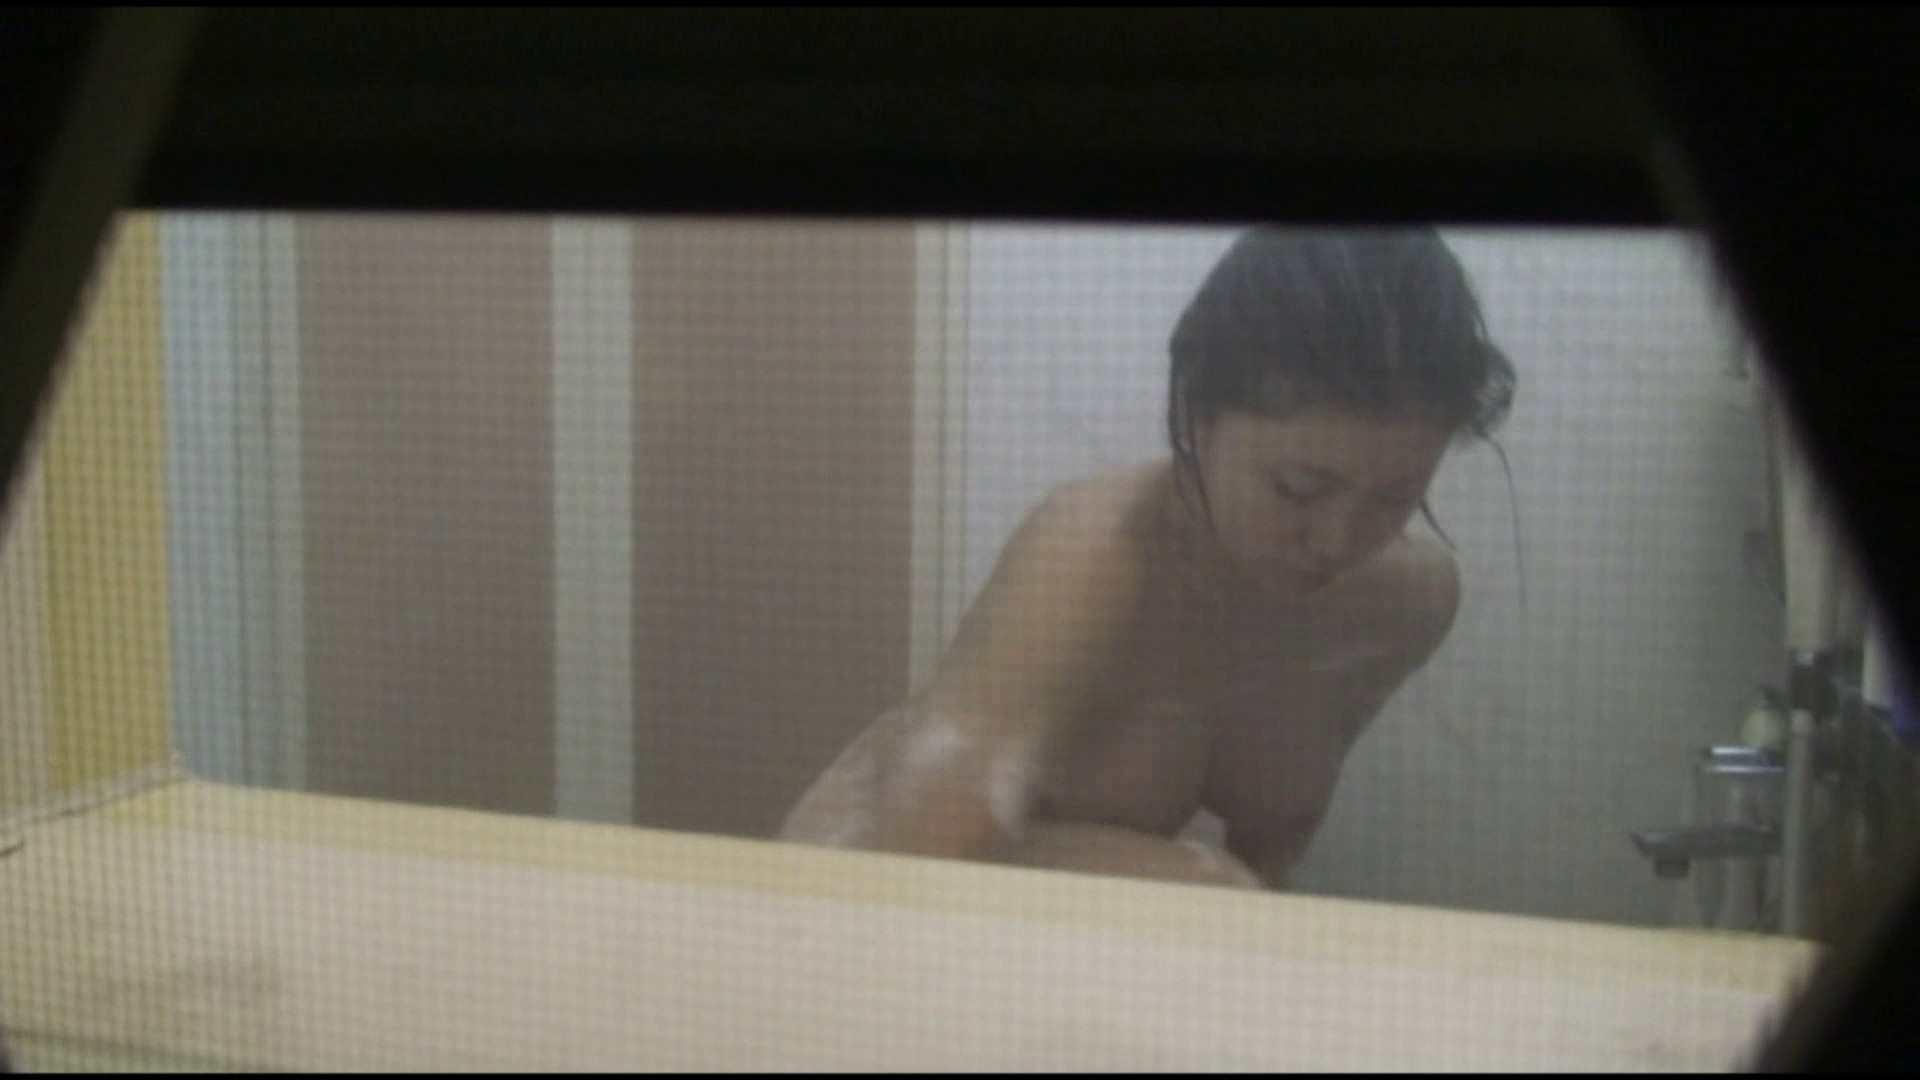 vol.04巨乳美人のおっぱいがプルルンッと弾けてます!風呂上りも必見 覗き  94pic 48